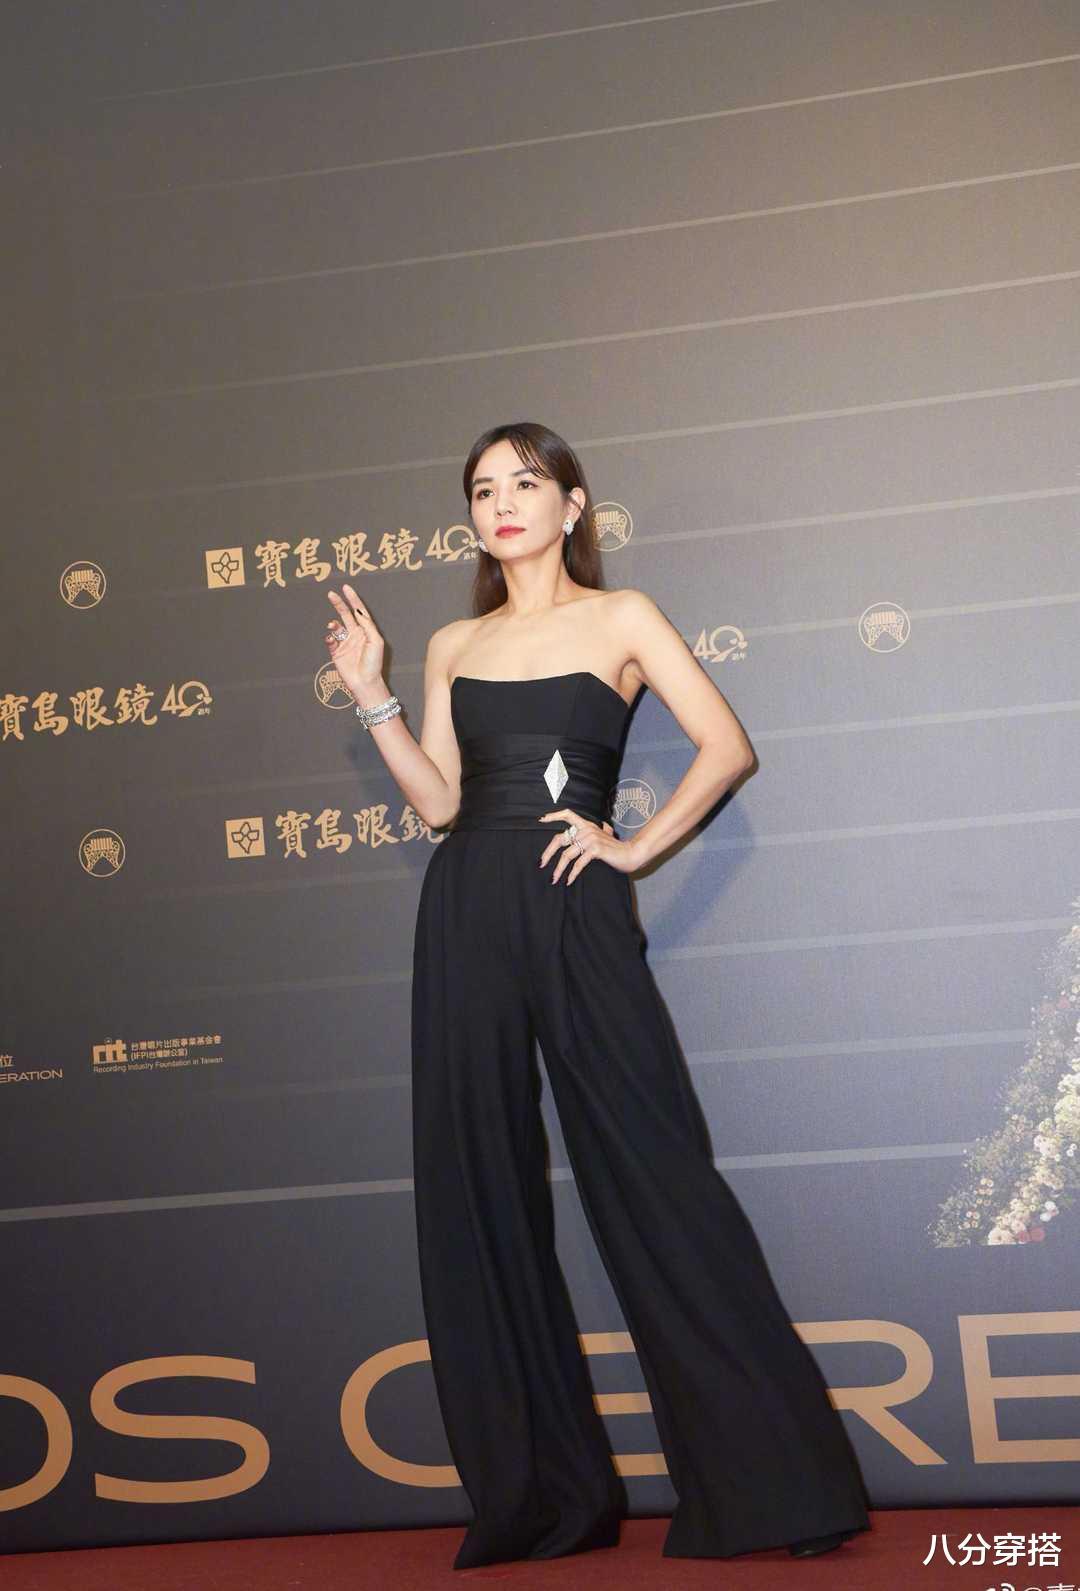 Ella陳嘉樺坐豪車亮相,一襲黑色抹胸連體褲,二八比例太驚艷-圖2